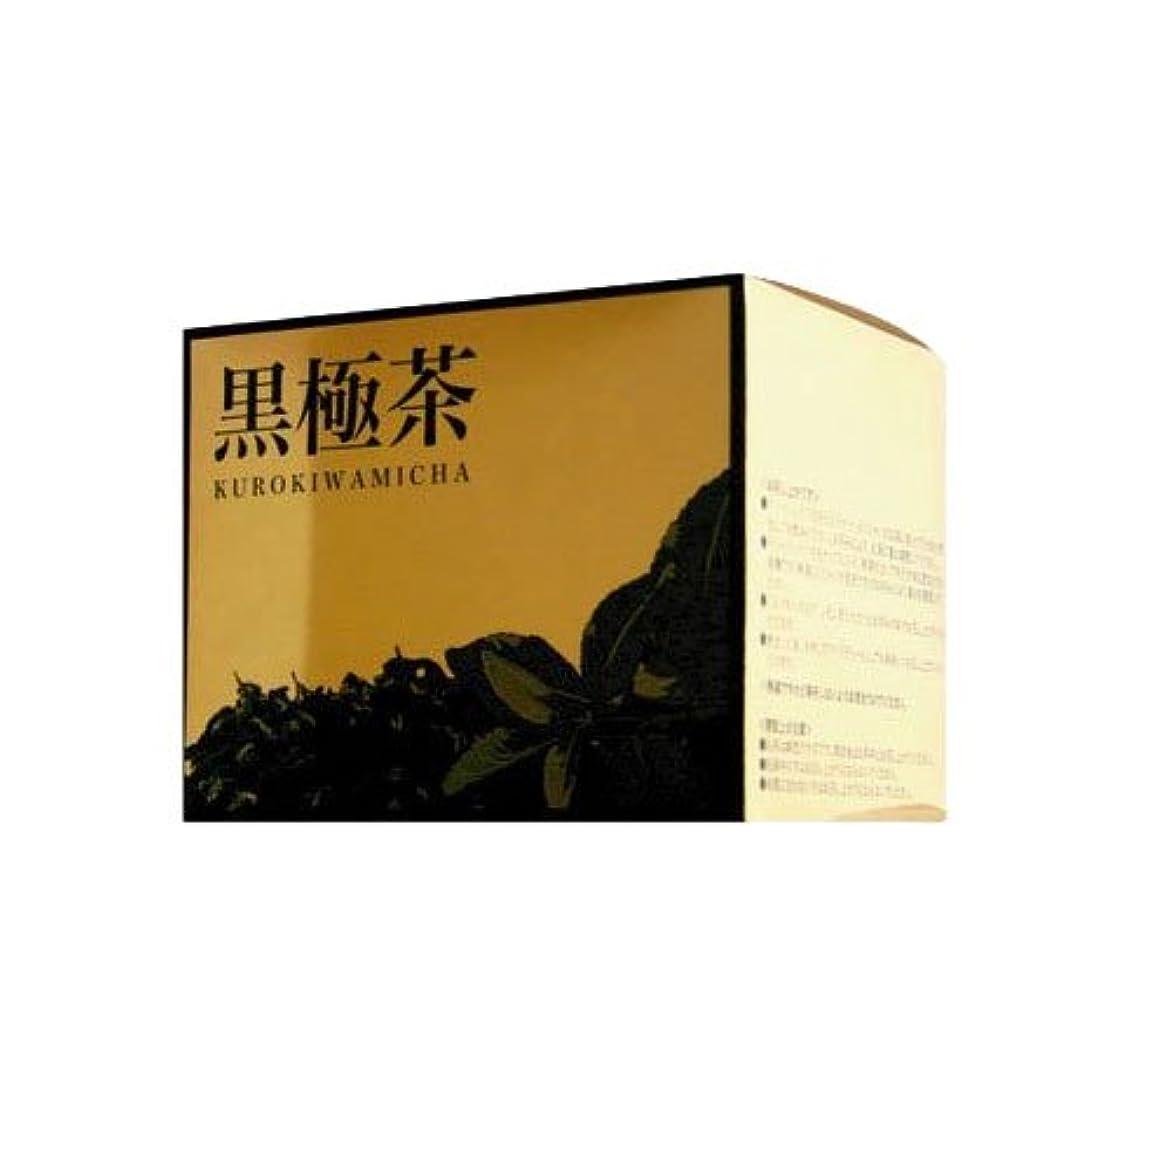 突然の現代のご覧ください黒極茶(ゴールド) 2.5g*30包入